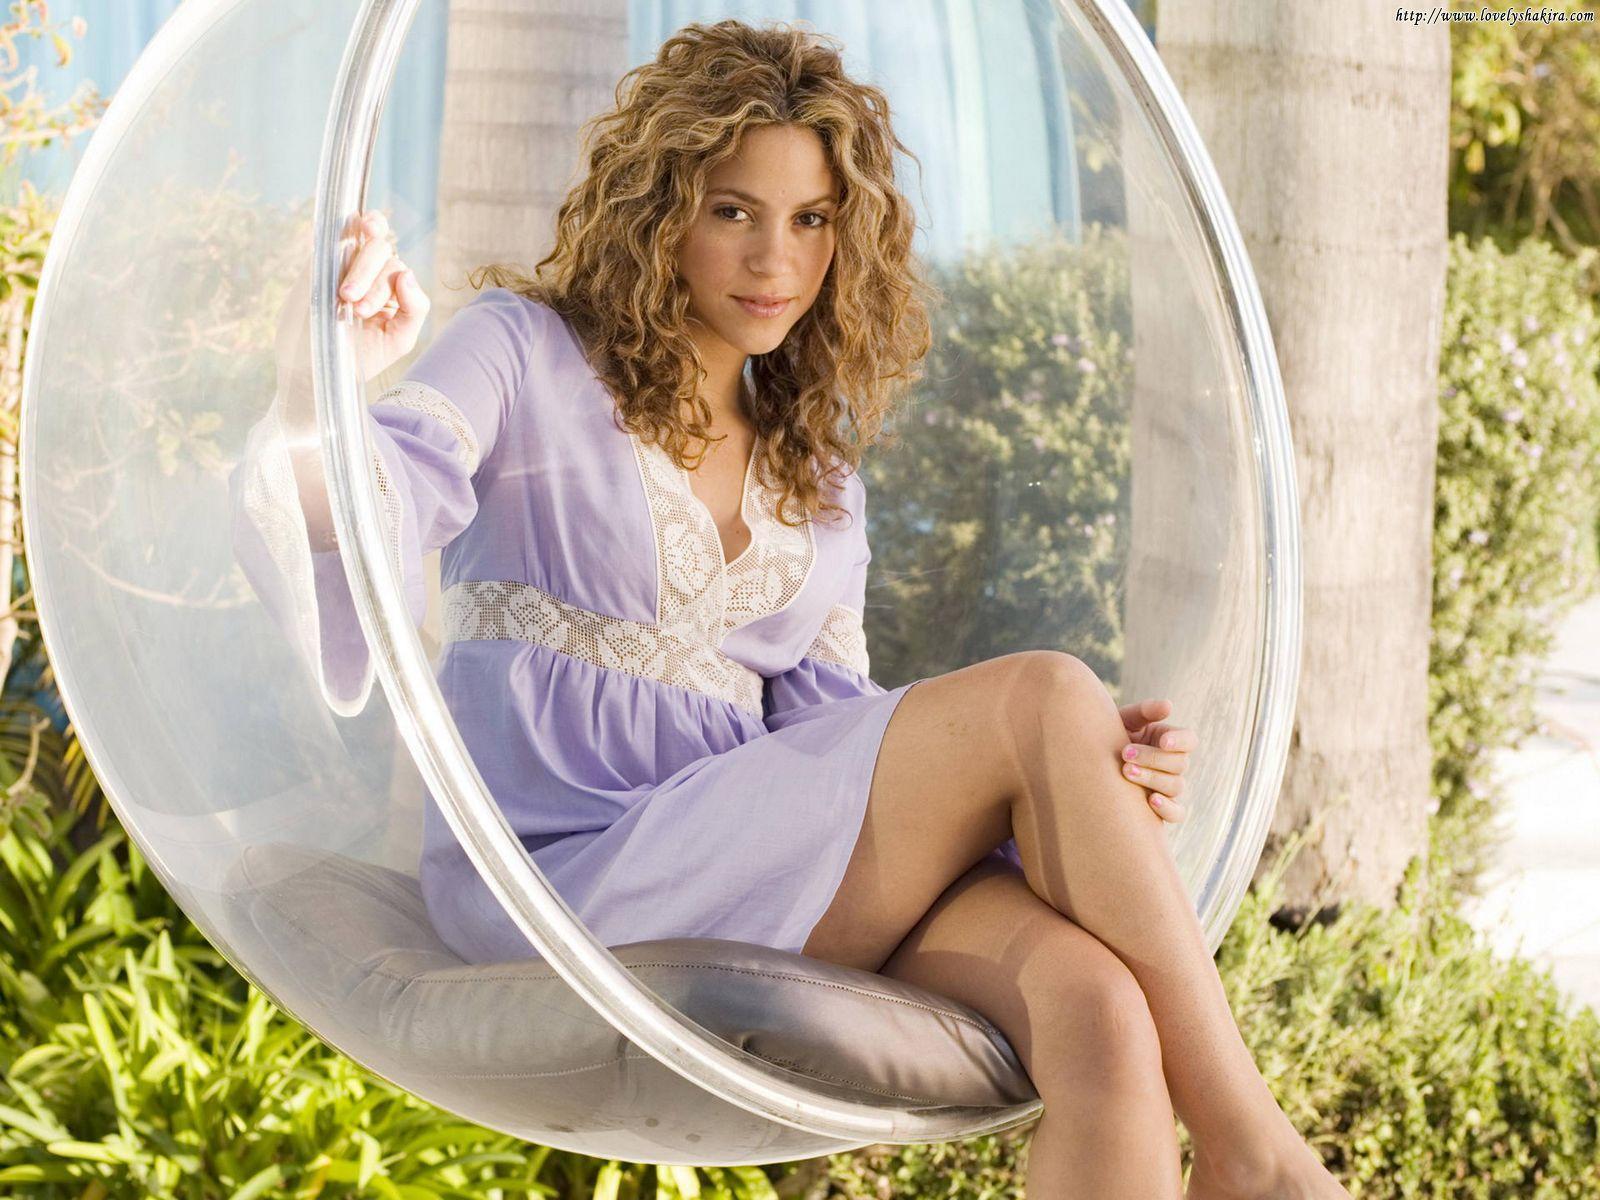 http://1.bp.blogspot.com/_vvk7ZlXr_pU/TN6gxQXSKYI/AAAAAAAAAoQ/BIExLwdg3m4/s1600/Shakira_HD_Wallpapers_YM6XOR.jpg